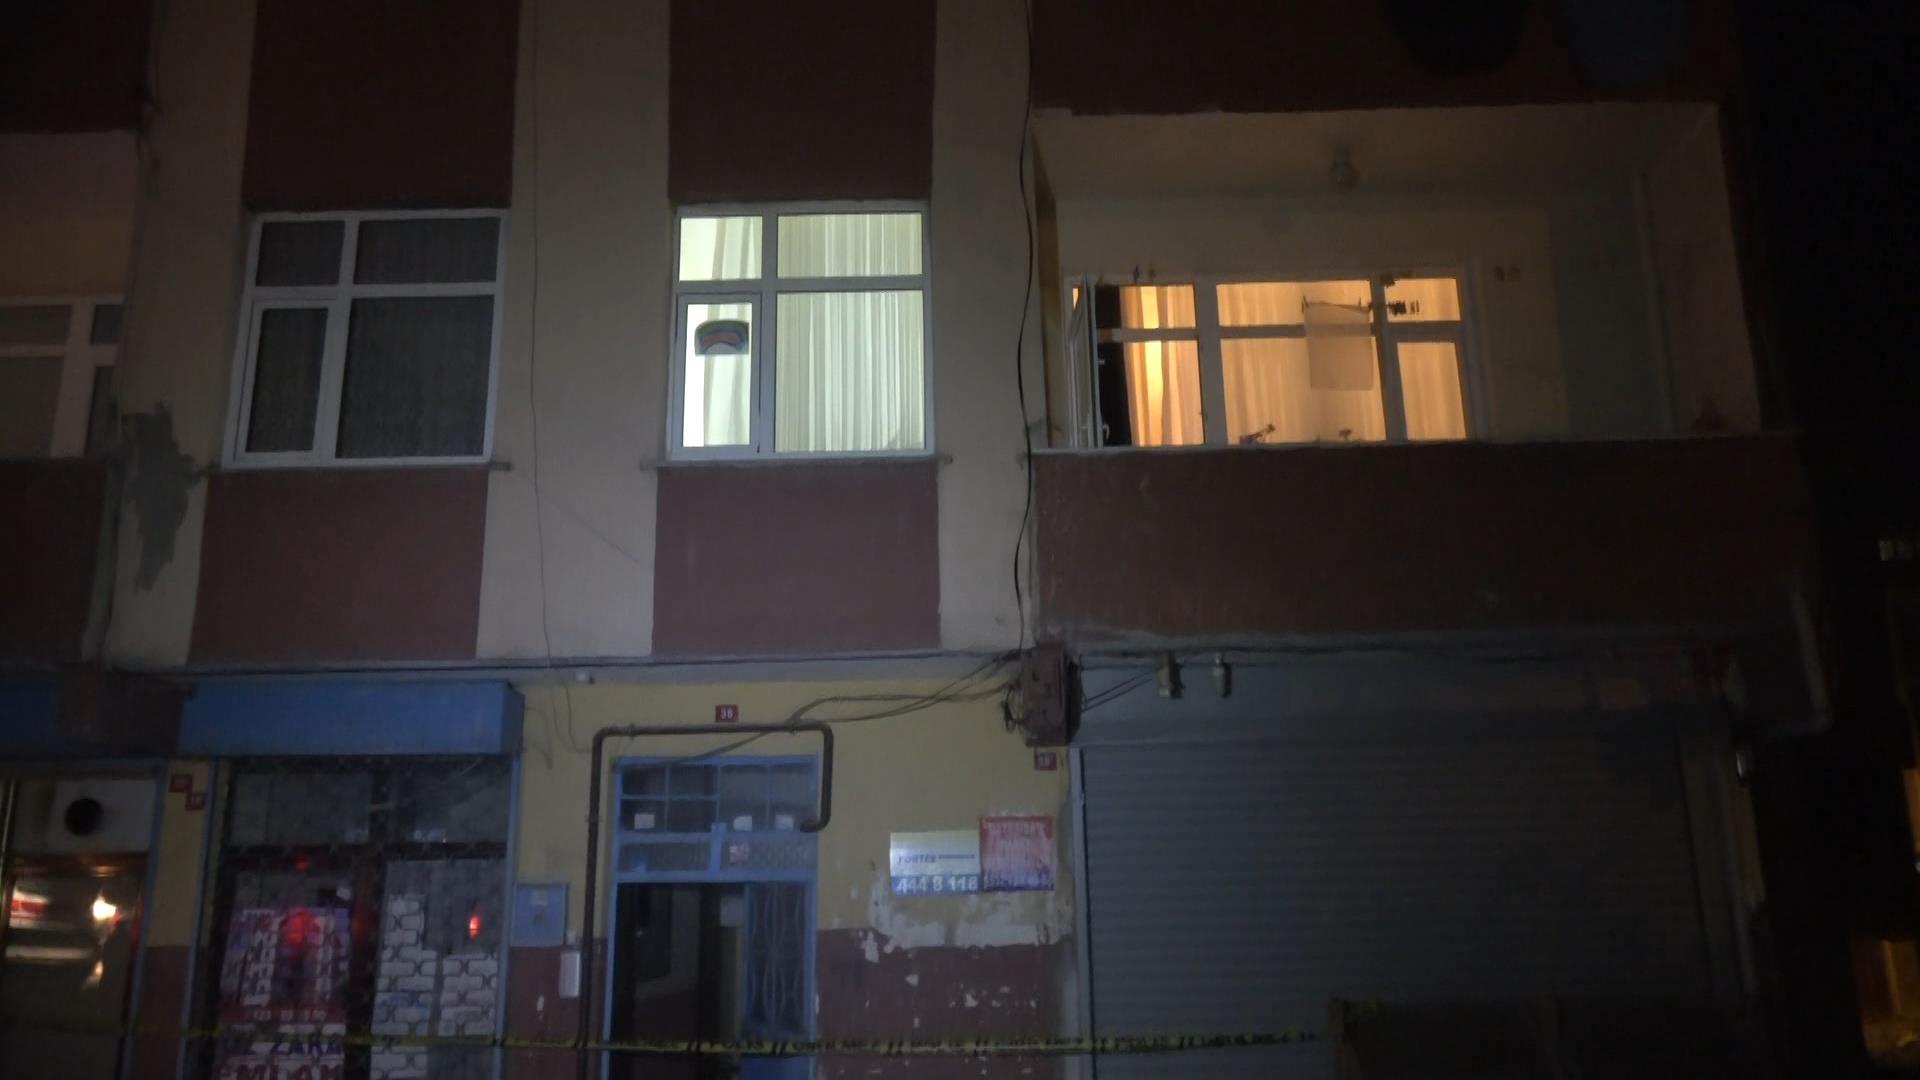 Arnavutköy'de böcek ilacından zehirlenen 10 kişi hastaneye kaldırıldı